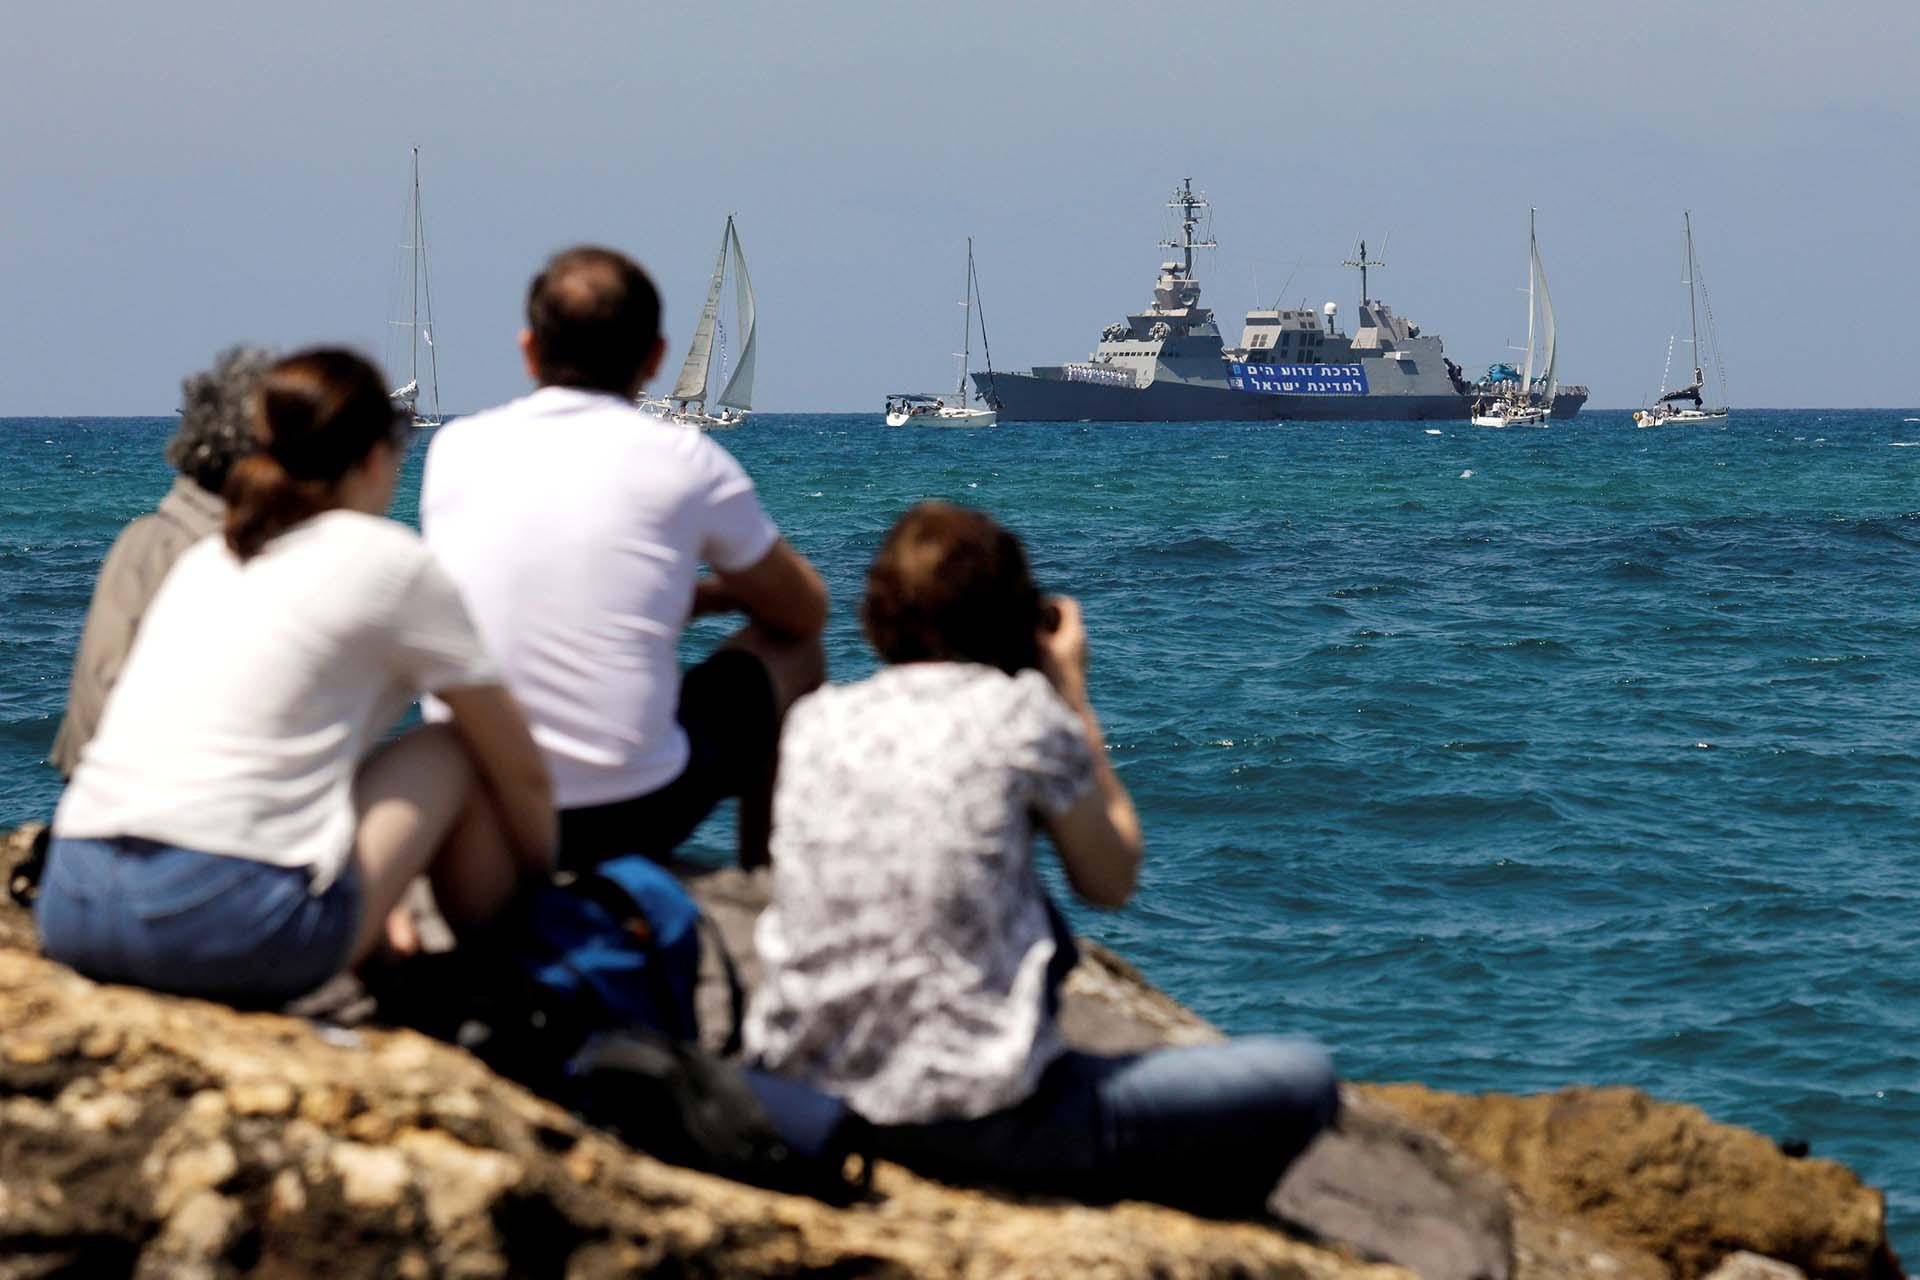 Una familia disfruta del espectáculo aéreo en las costas del Mediterráneo (REUTERS/Amir Cohen)